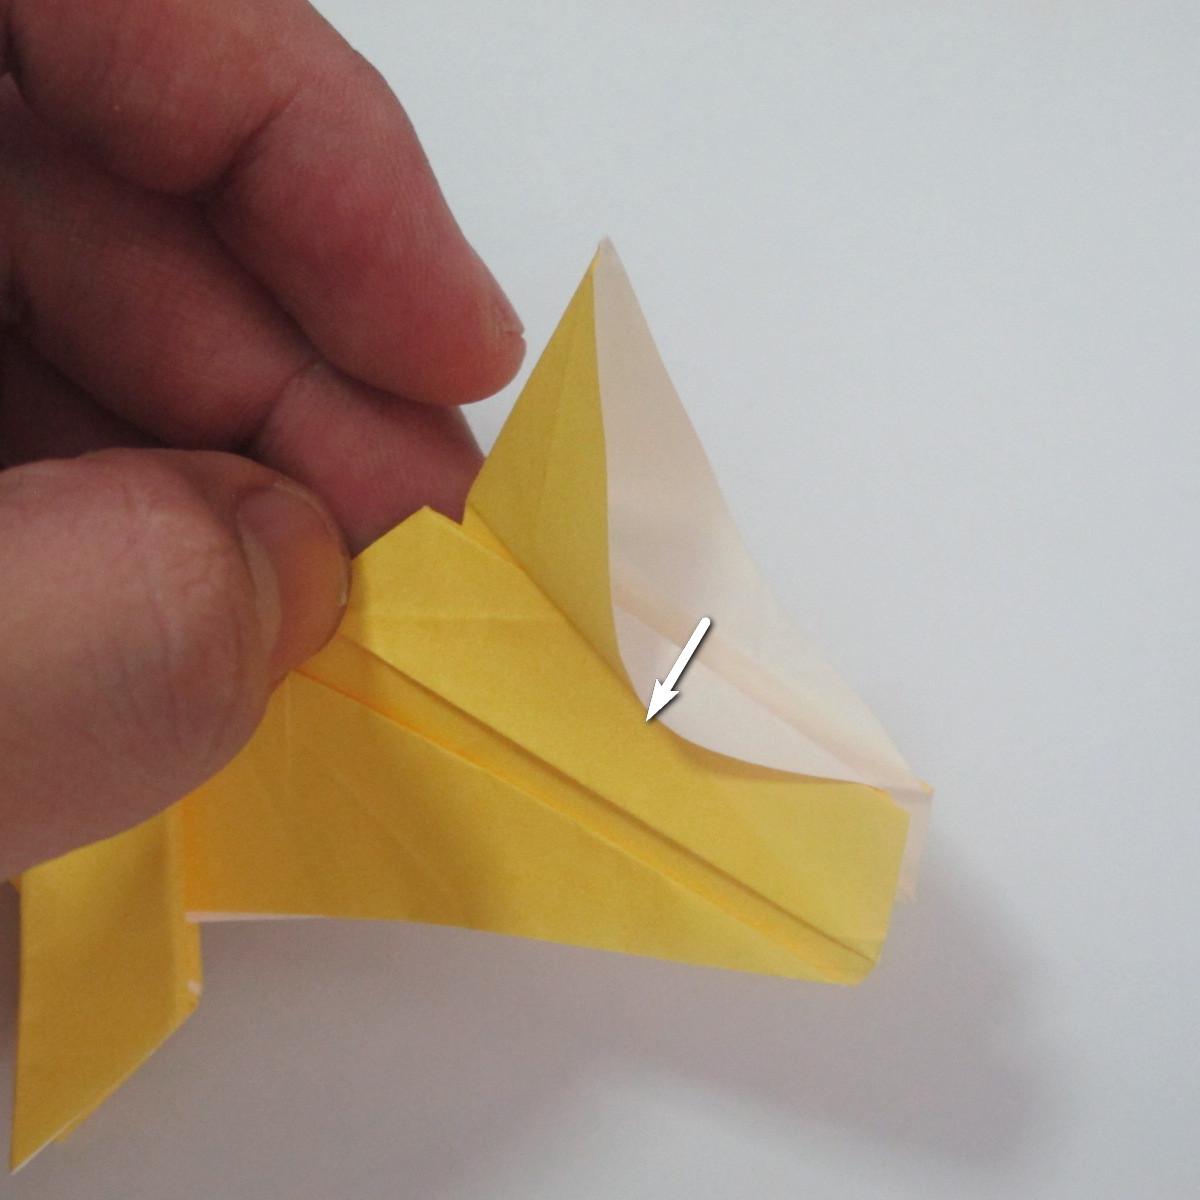 สอนวิธีพับกระดาษเป็นรูปลูกสุนัขยืนสองขา แบบของพอล ฟราสโก้ (Down Boy Dog Origami) 109